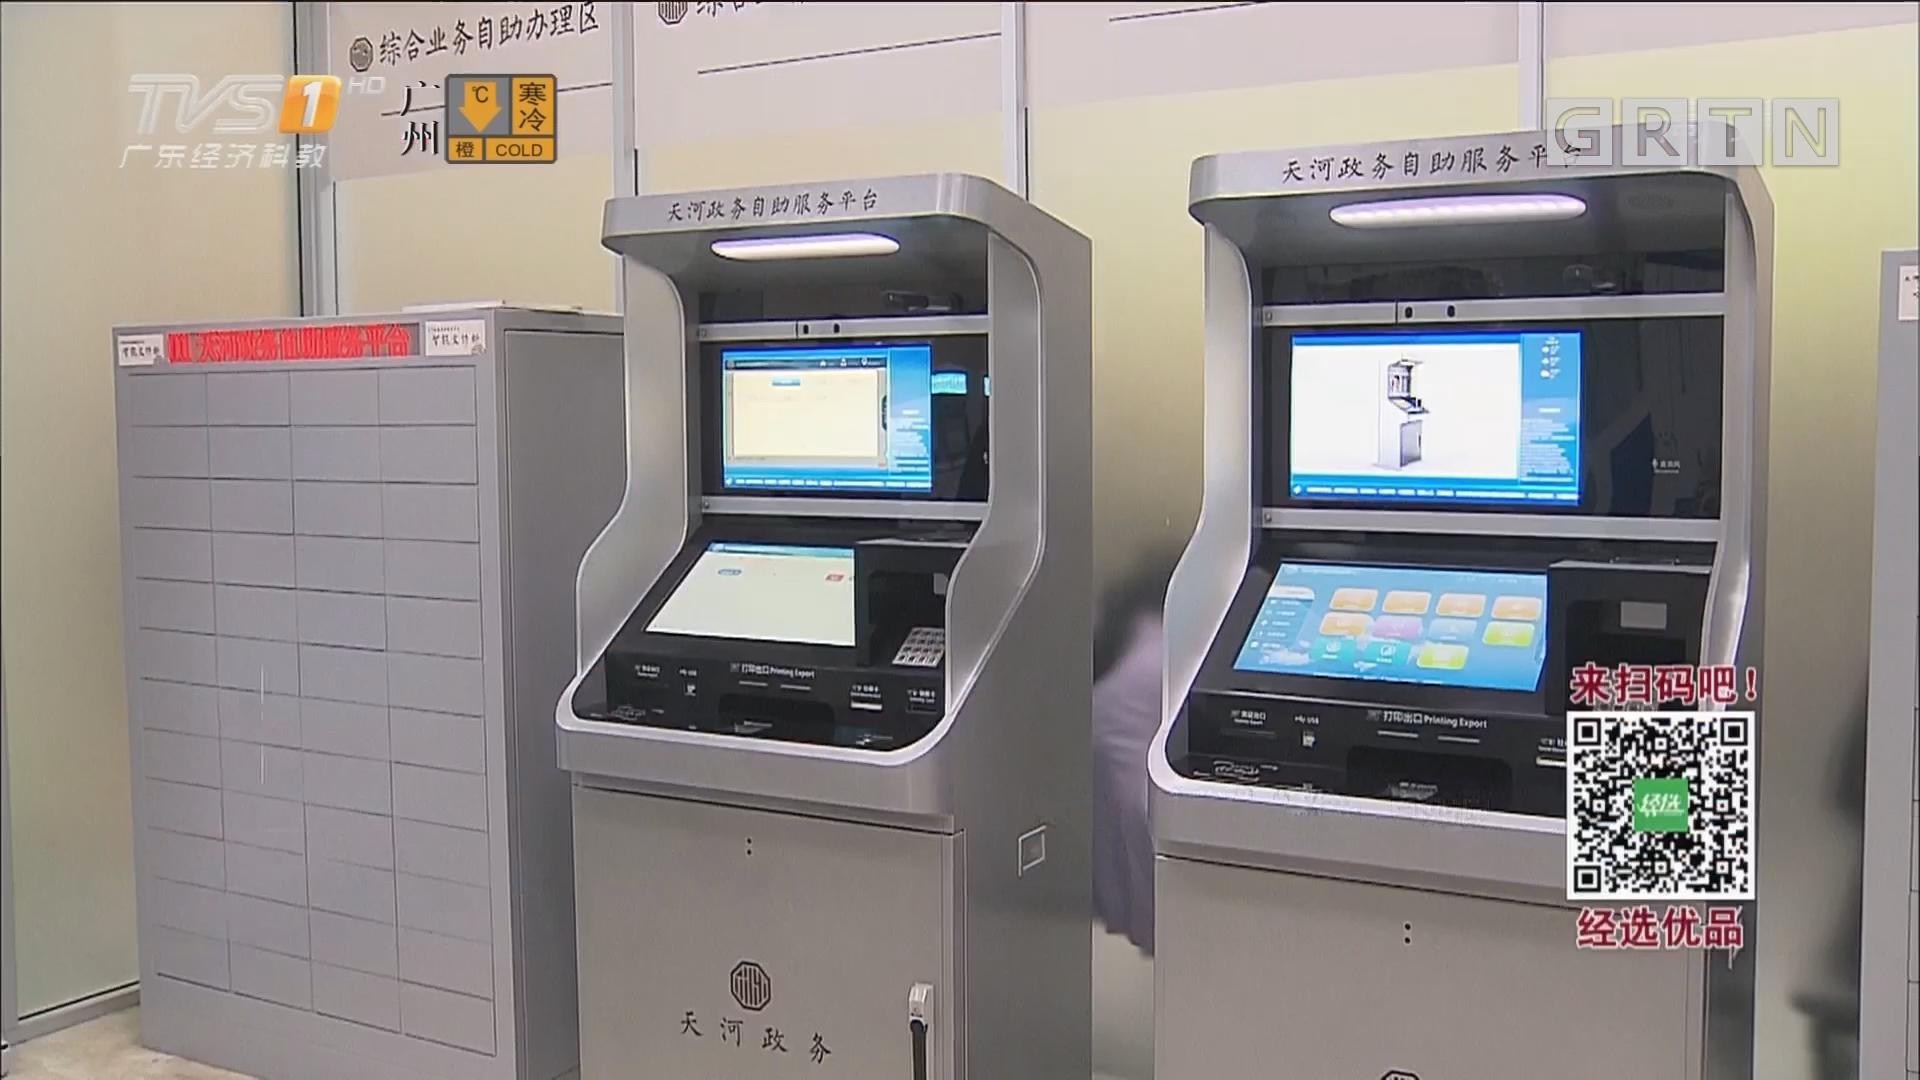 天河政务ATM机上线 开通24小时公务服务